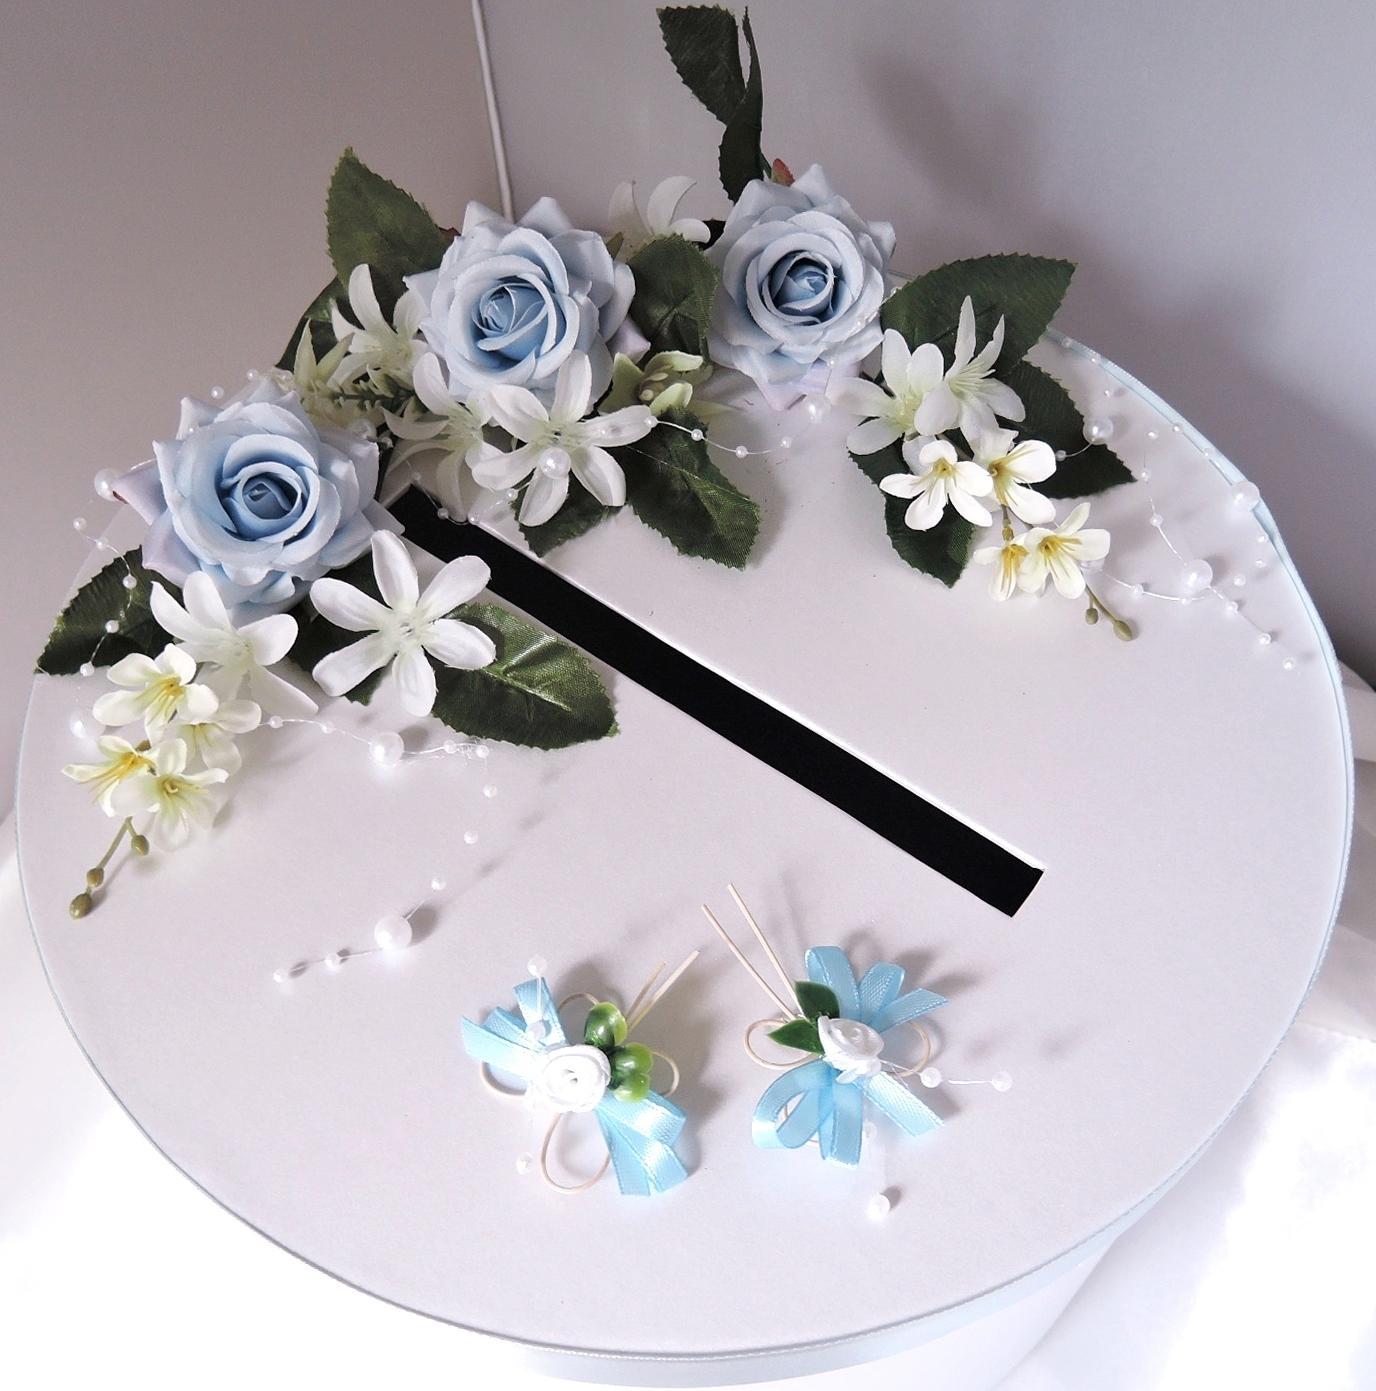 """svatební pokladnička """"Modrobílí motýlci"""" - Obrázek č. 1"""